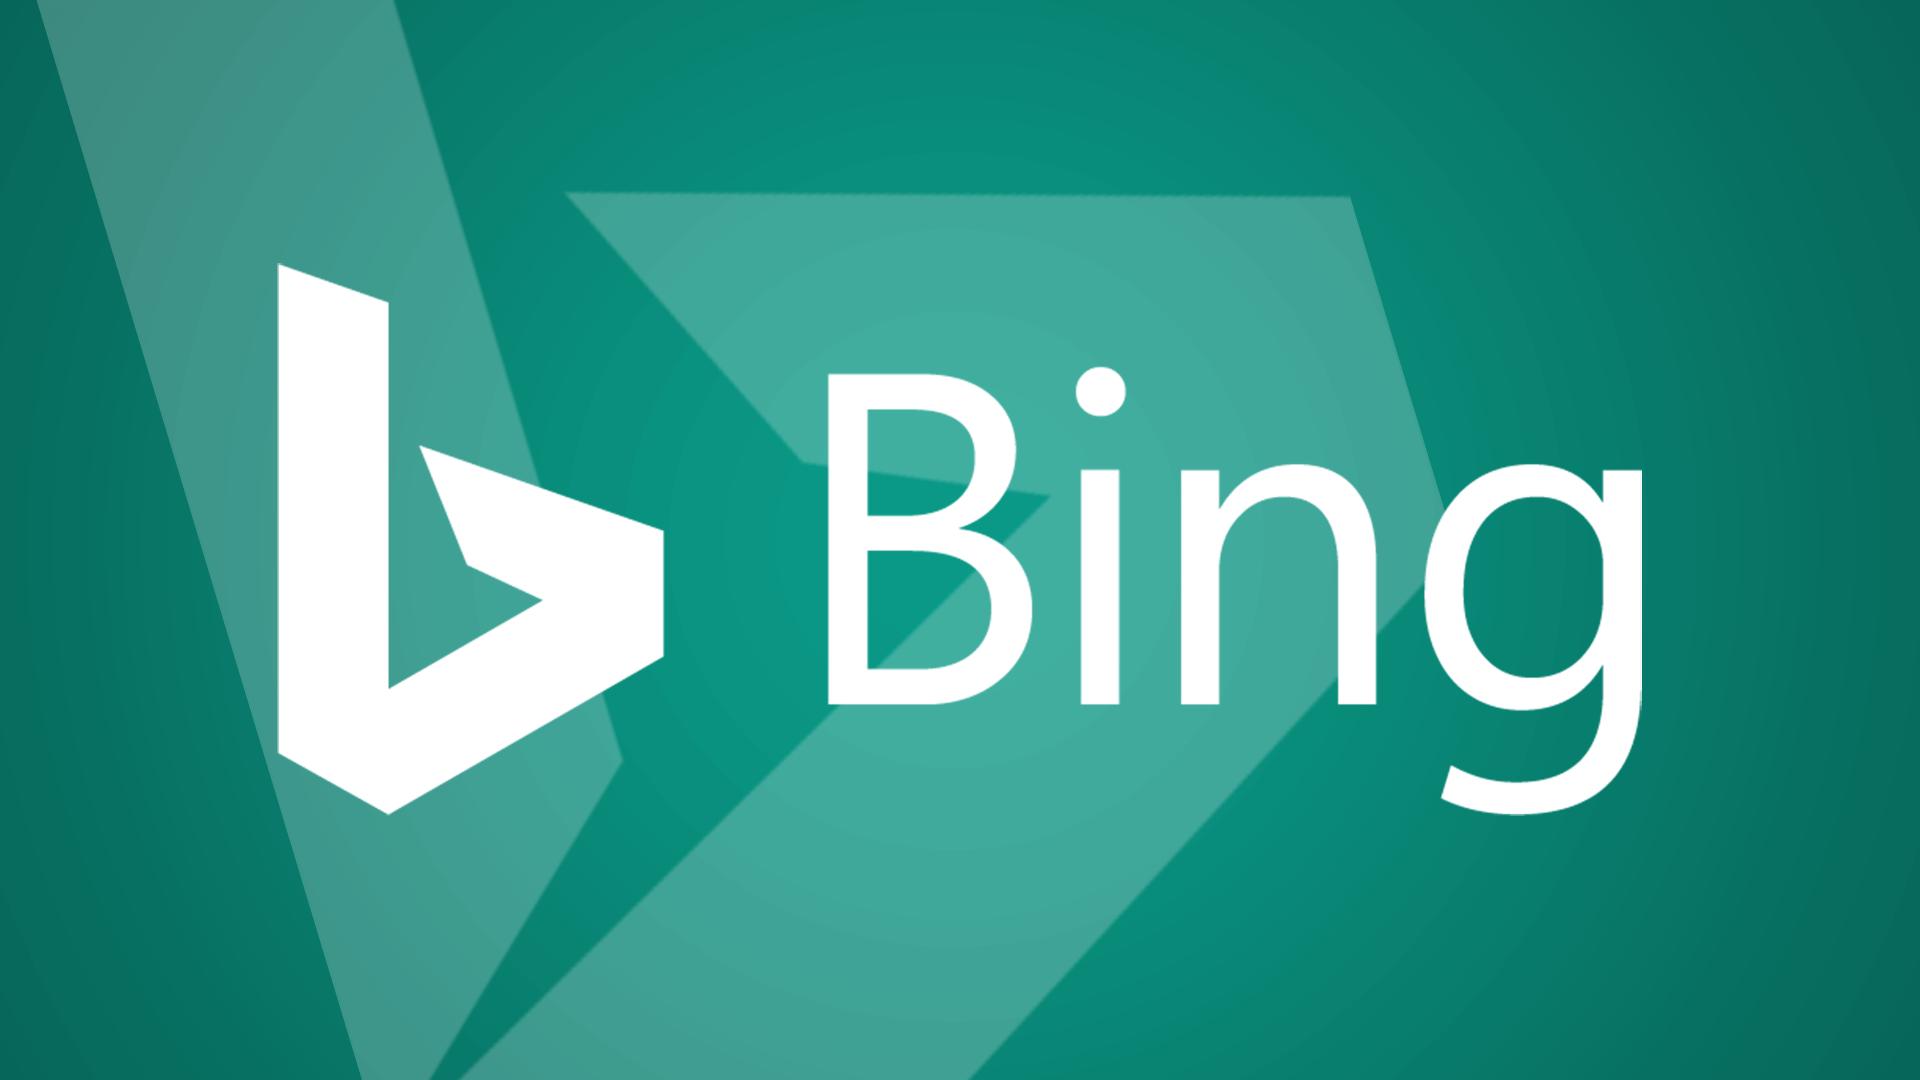 Bing Logo PNG - 115790